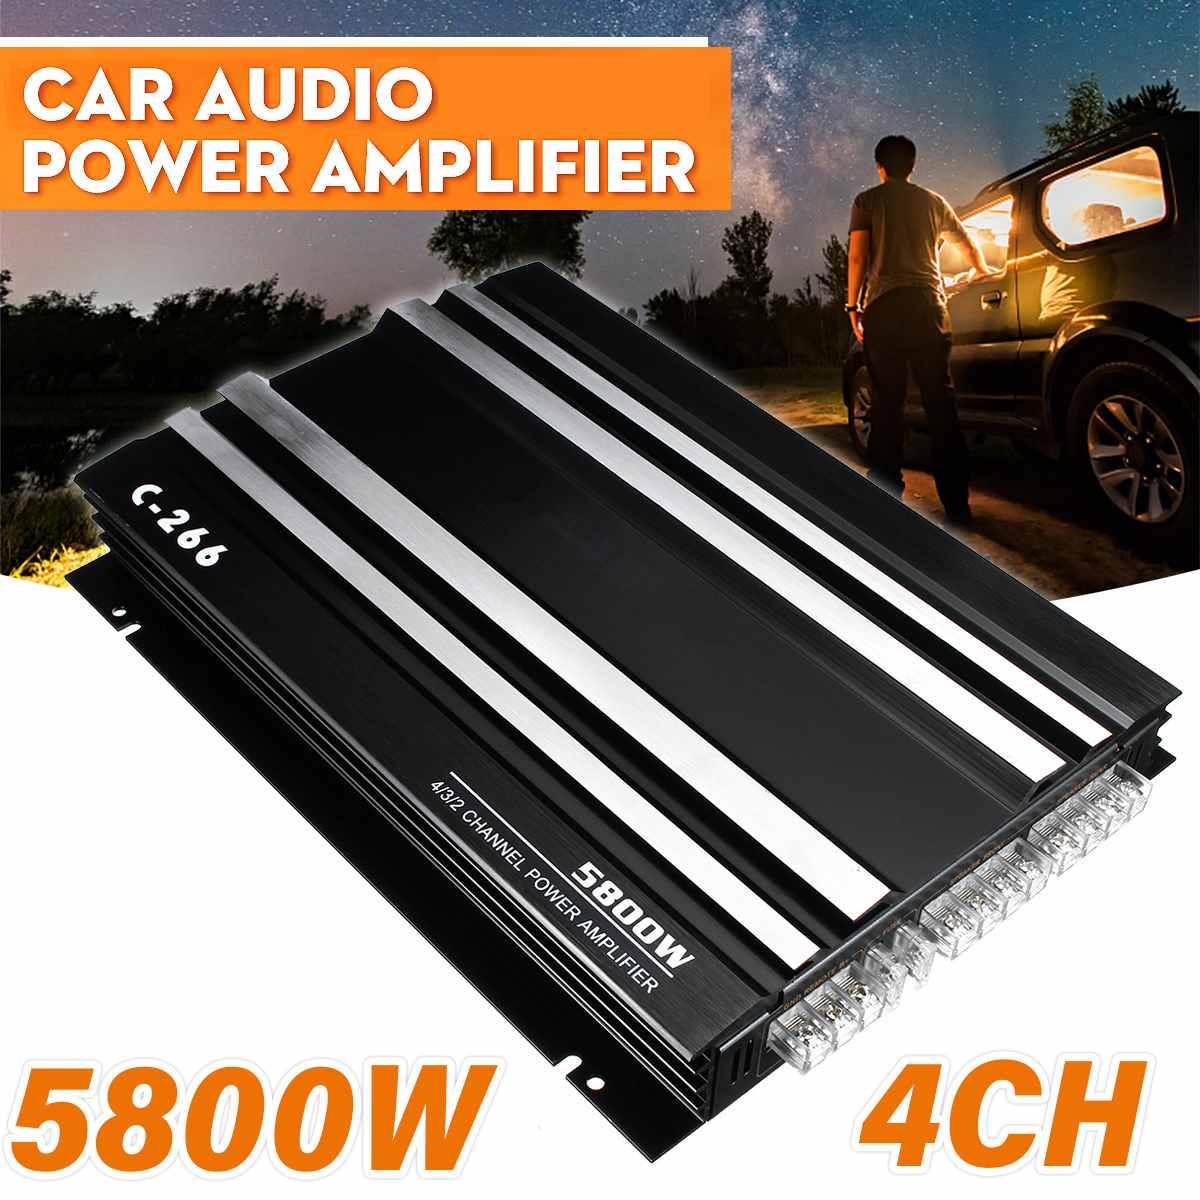 AMPLIFICADOR DE POTENCIA de graves de 4 canales de aleación de aluminio de 12V y 5800W CC, soporte para 4 altavoces, amplificador de Audio para coche y vehículo, amplificador estéreo para reproductor de música